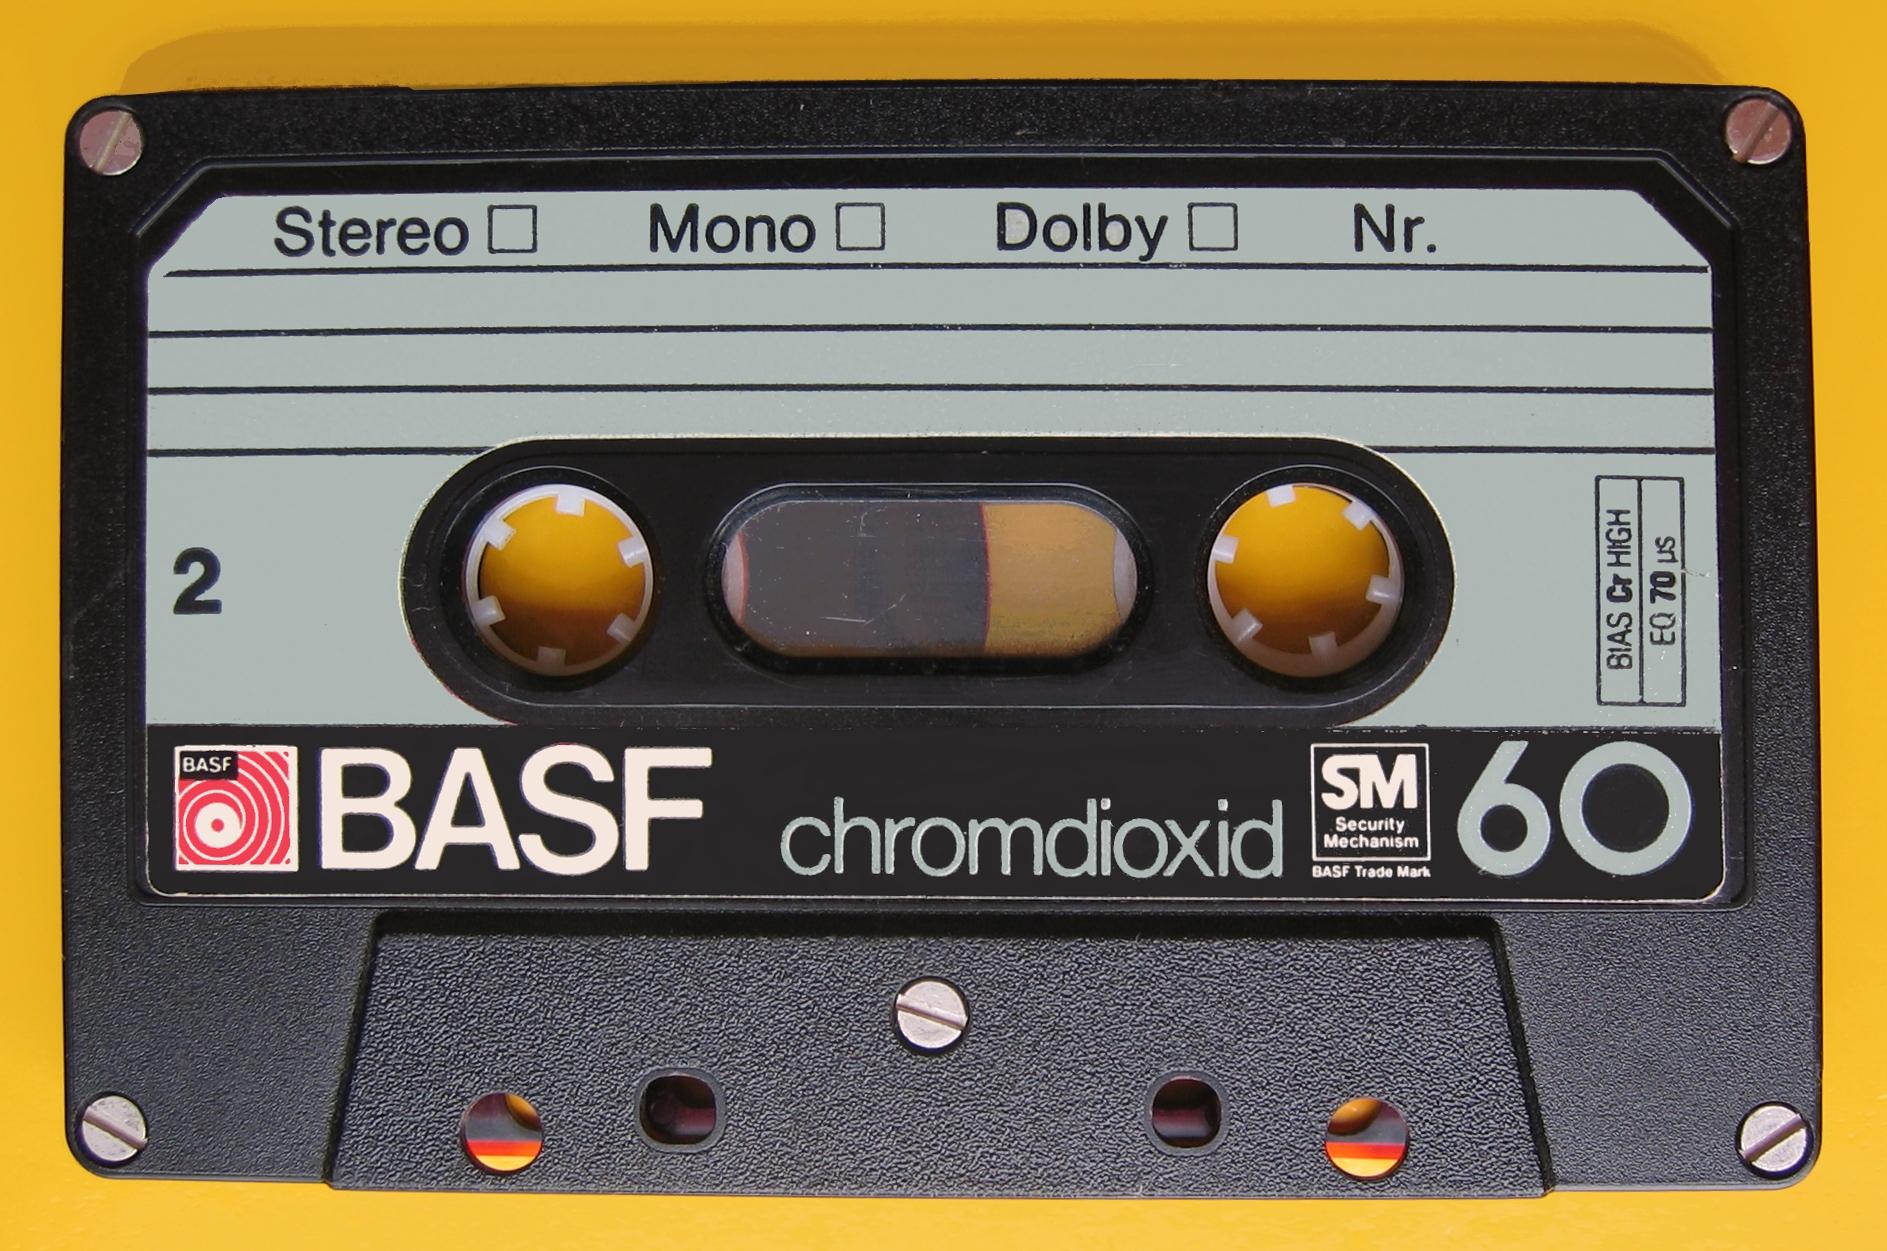 Compact Cassette BASF 60 SM IMG 8508.JPG